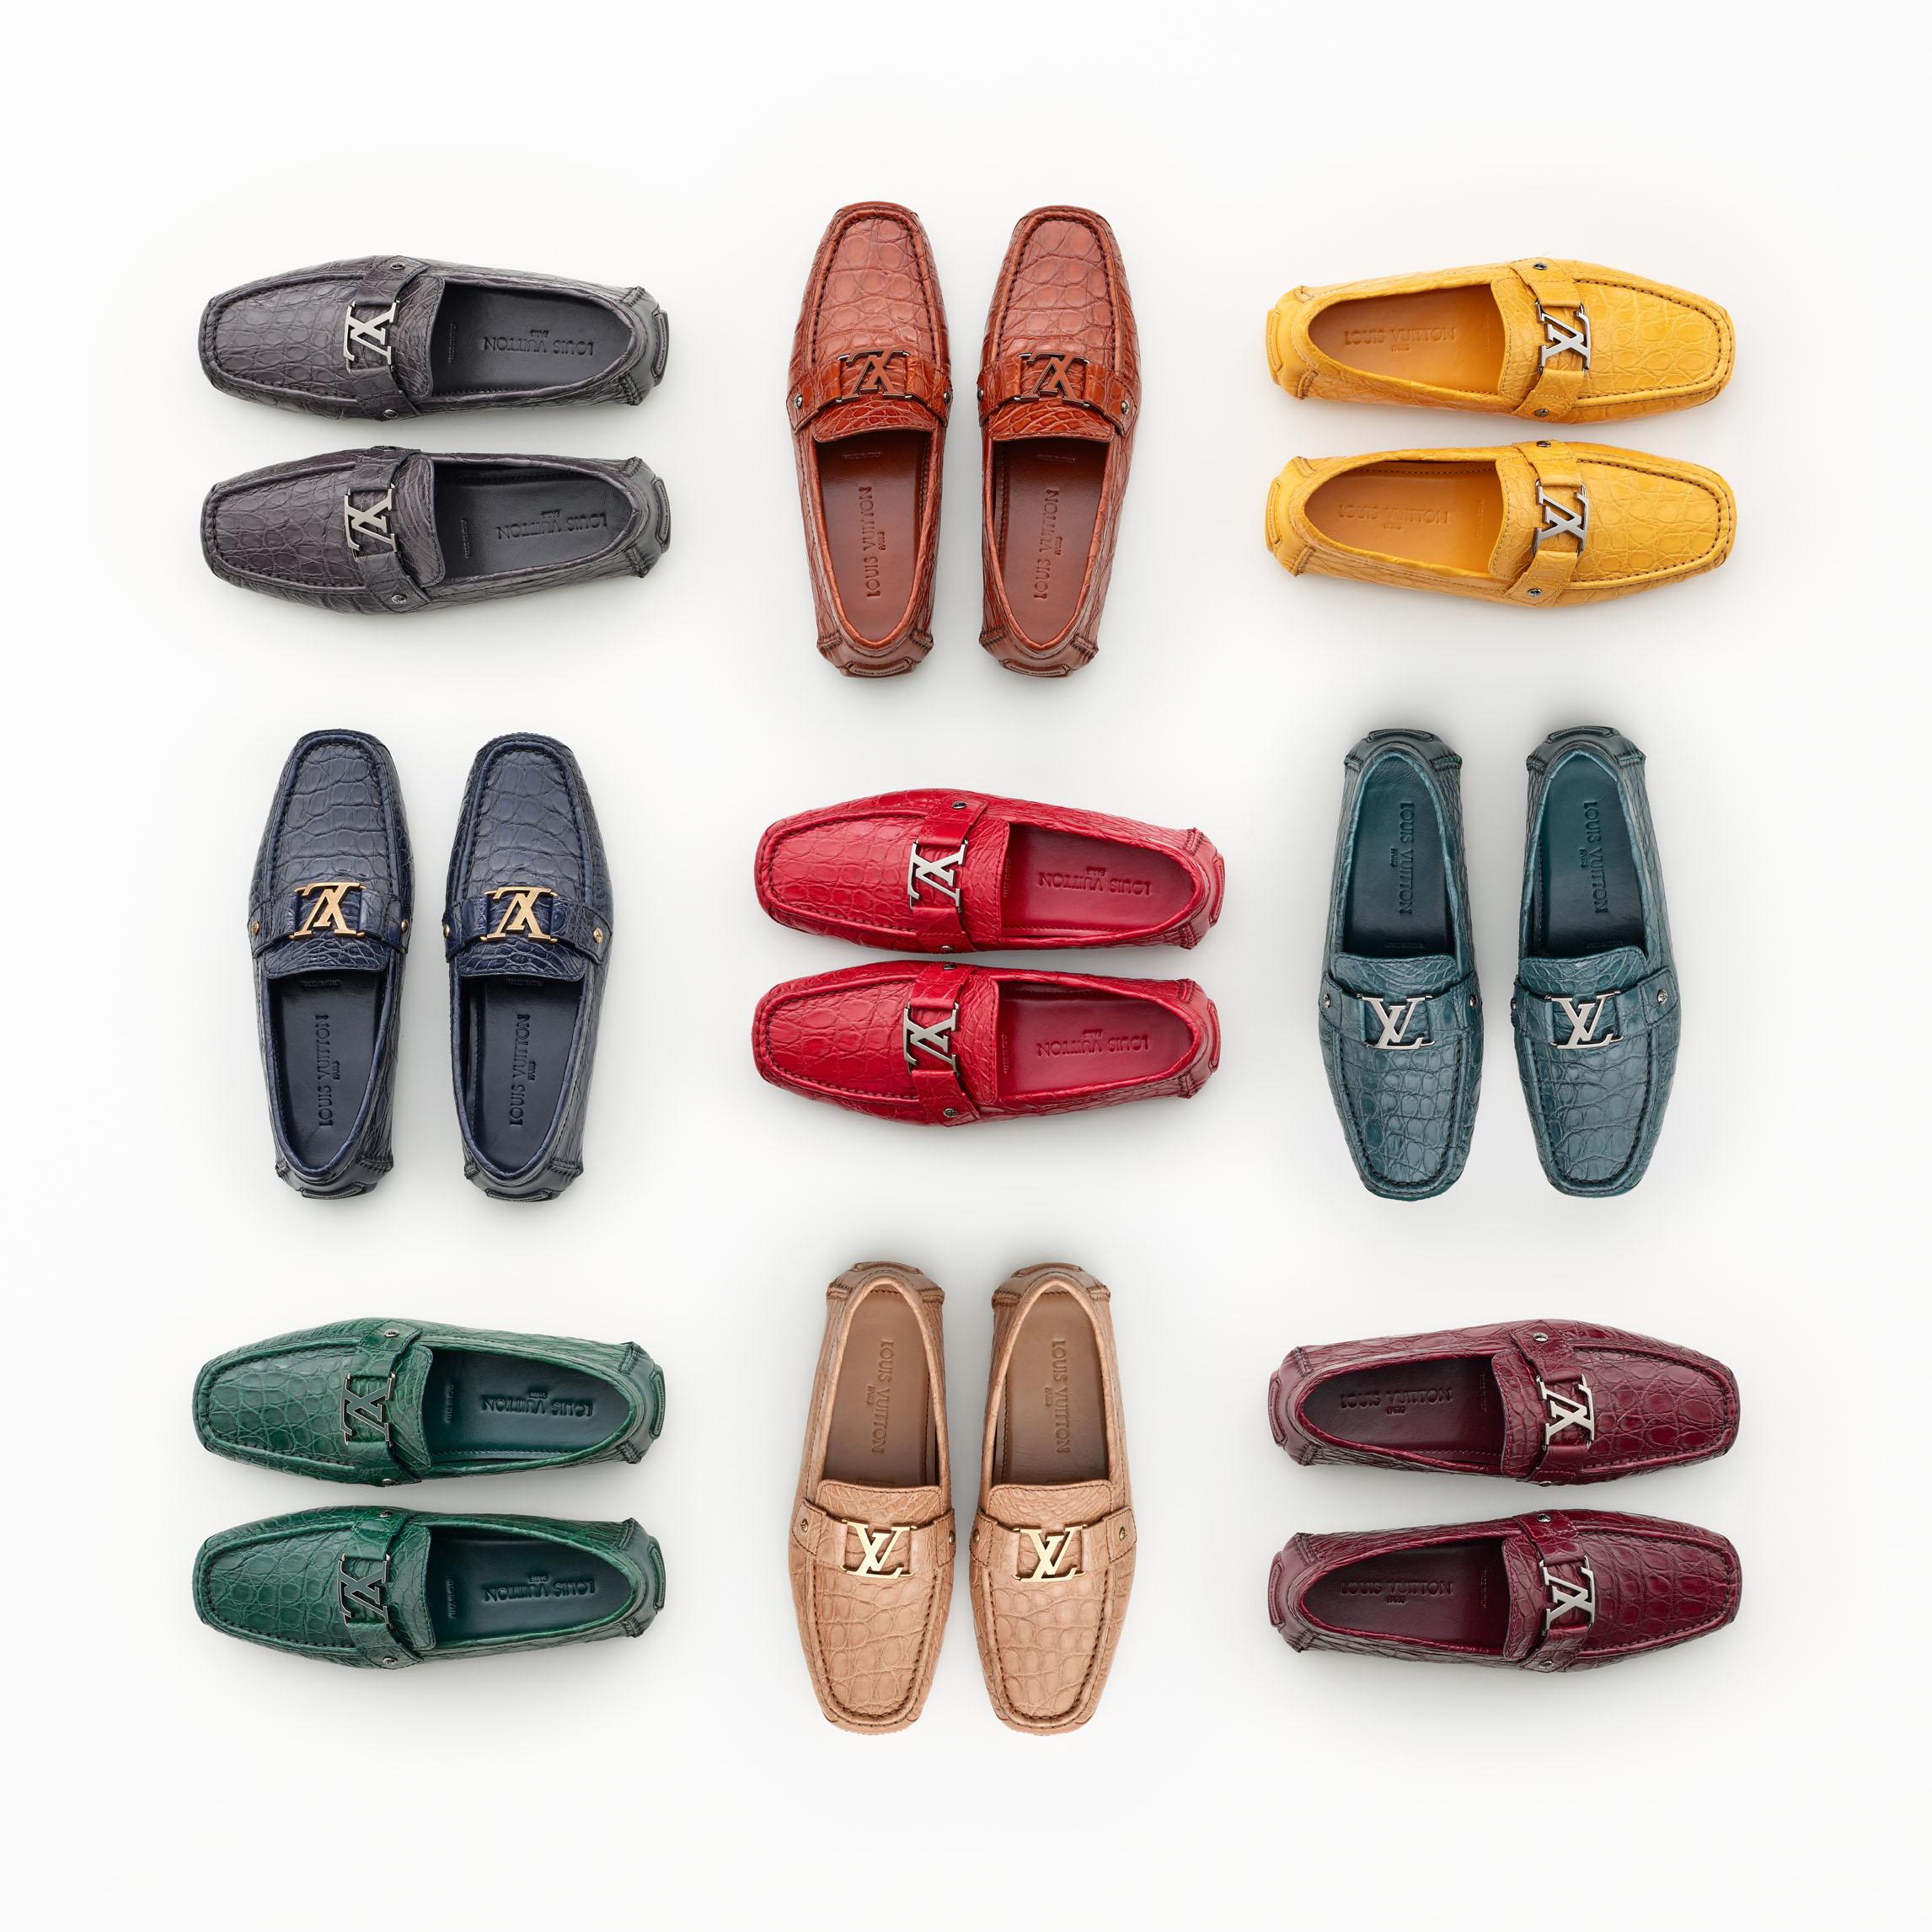 Custom-Made Caïman Shoes Step